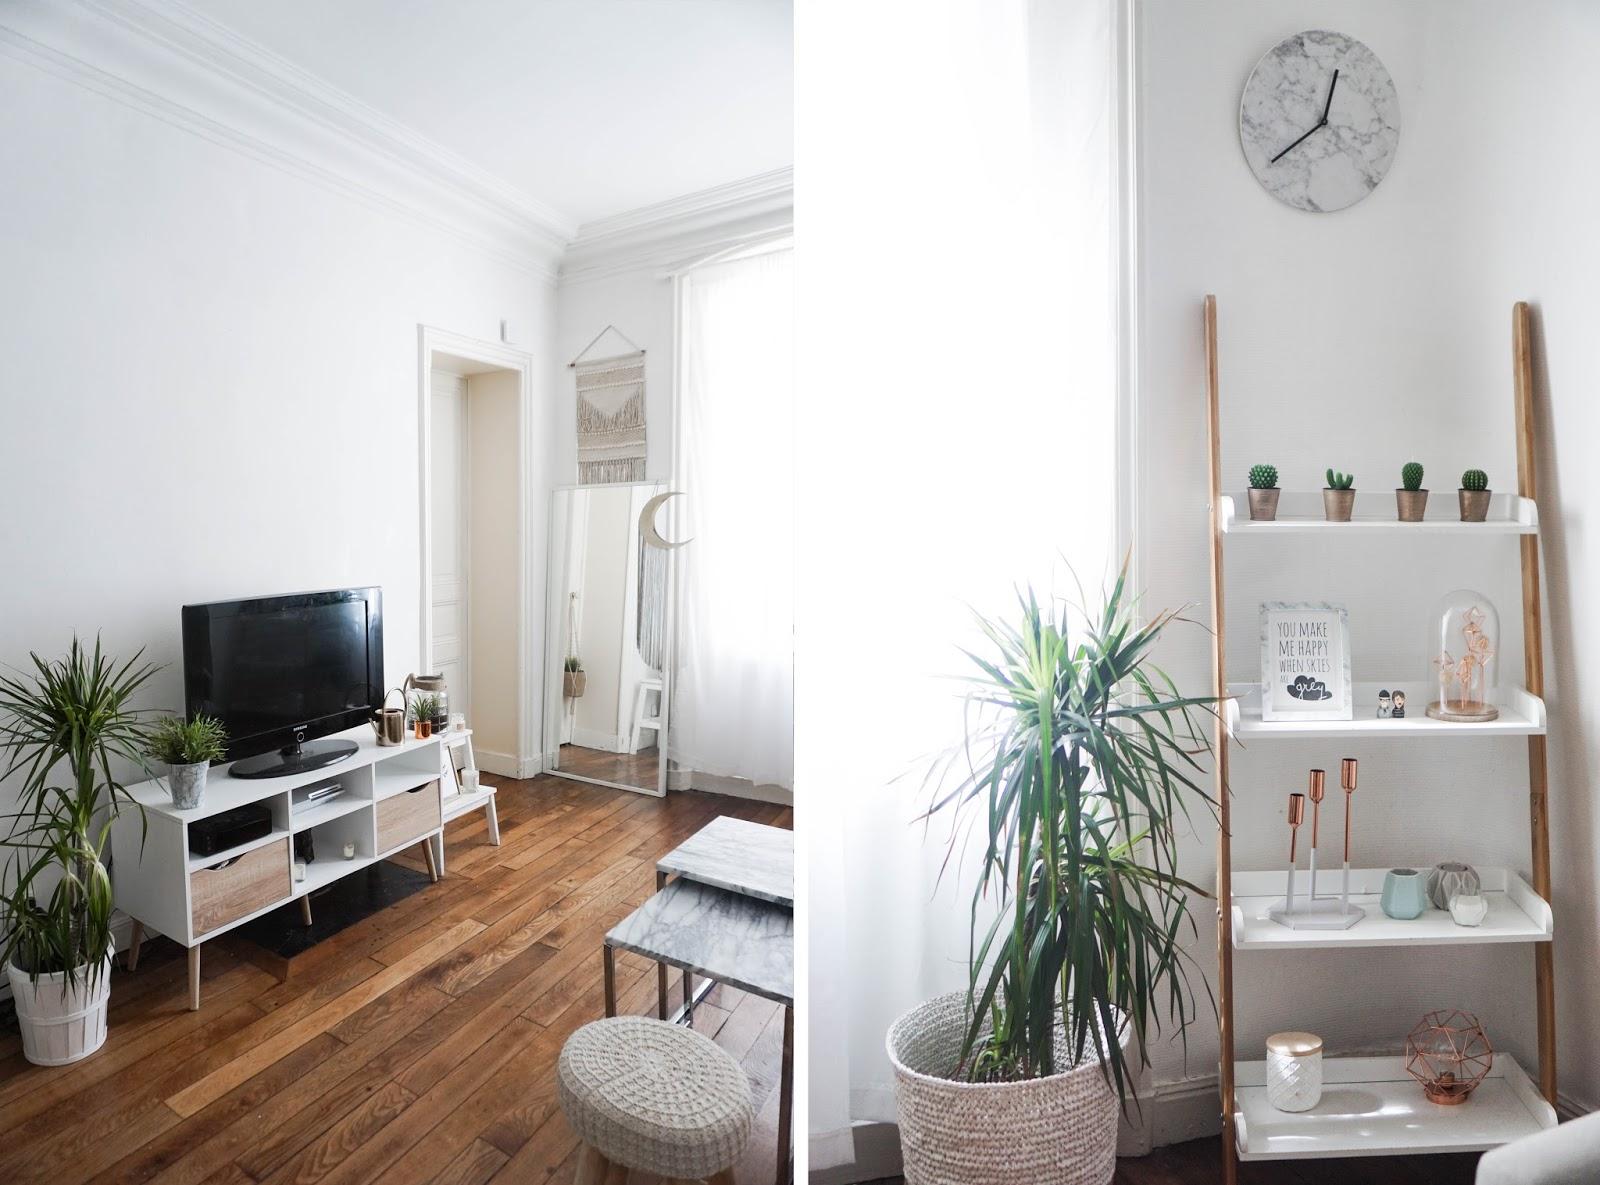 Notre appartement parisien alicia mechani blog mode et lifestyle sur paris - Appartement parisien decoration ...